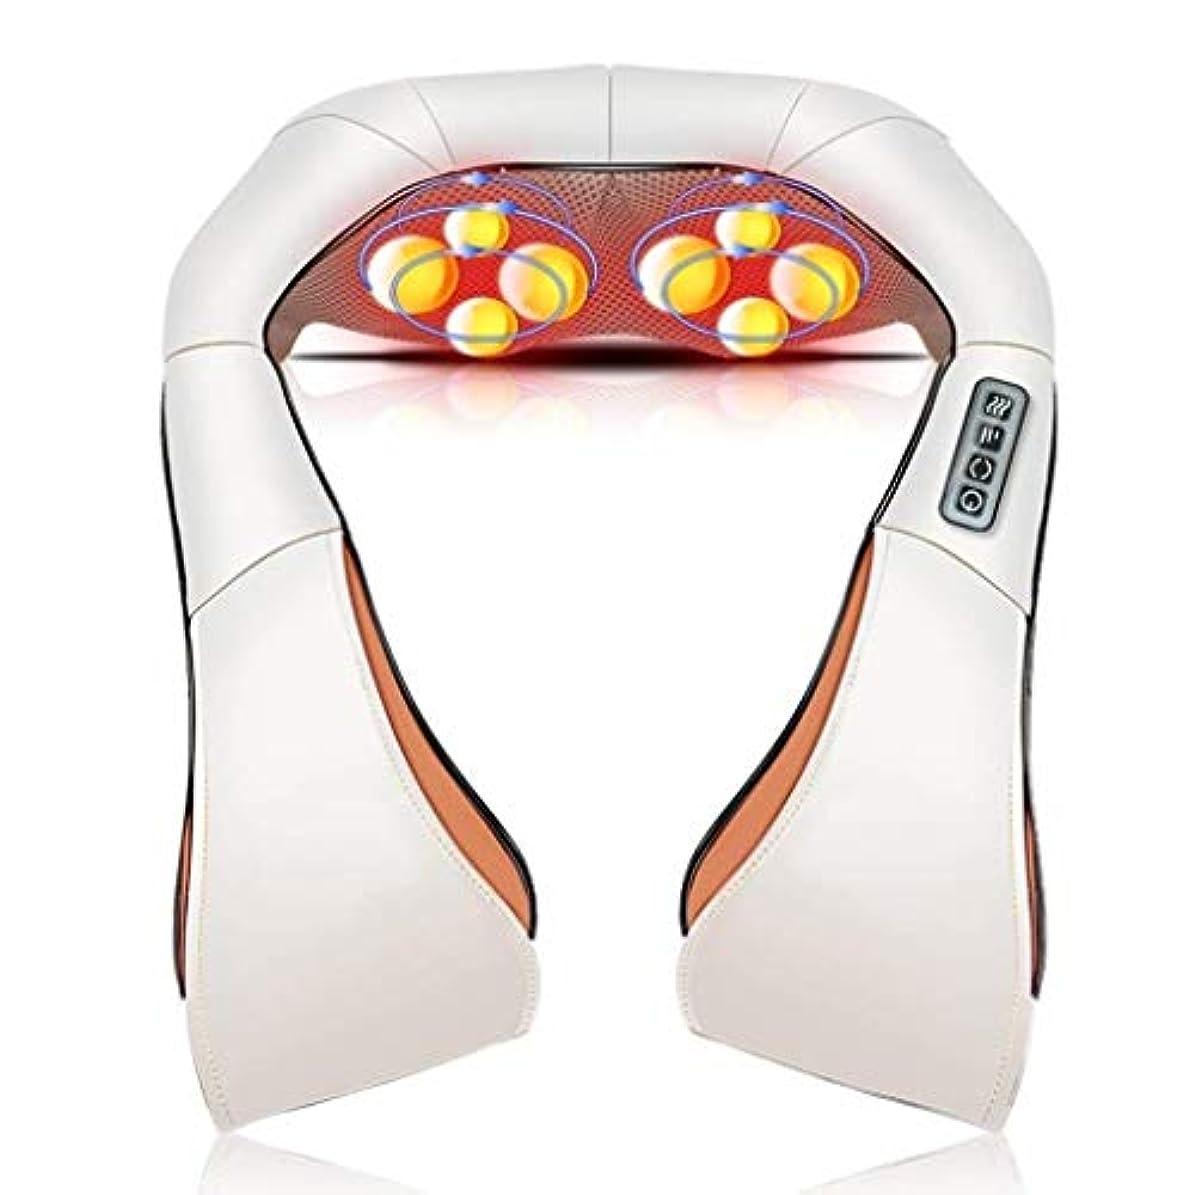 レイプ謎刈る電動ネックマッサージ、多機能加熱/振動マッサージ、調節可能な筋力、背中、肩、足、足、痛みの緩和に適しています